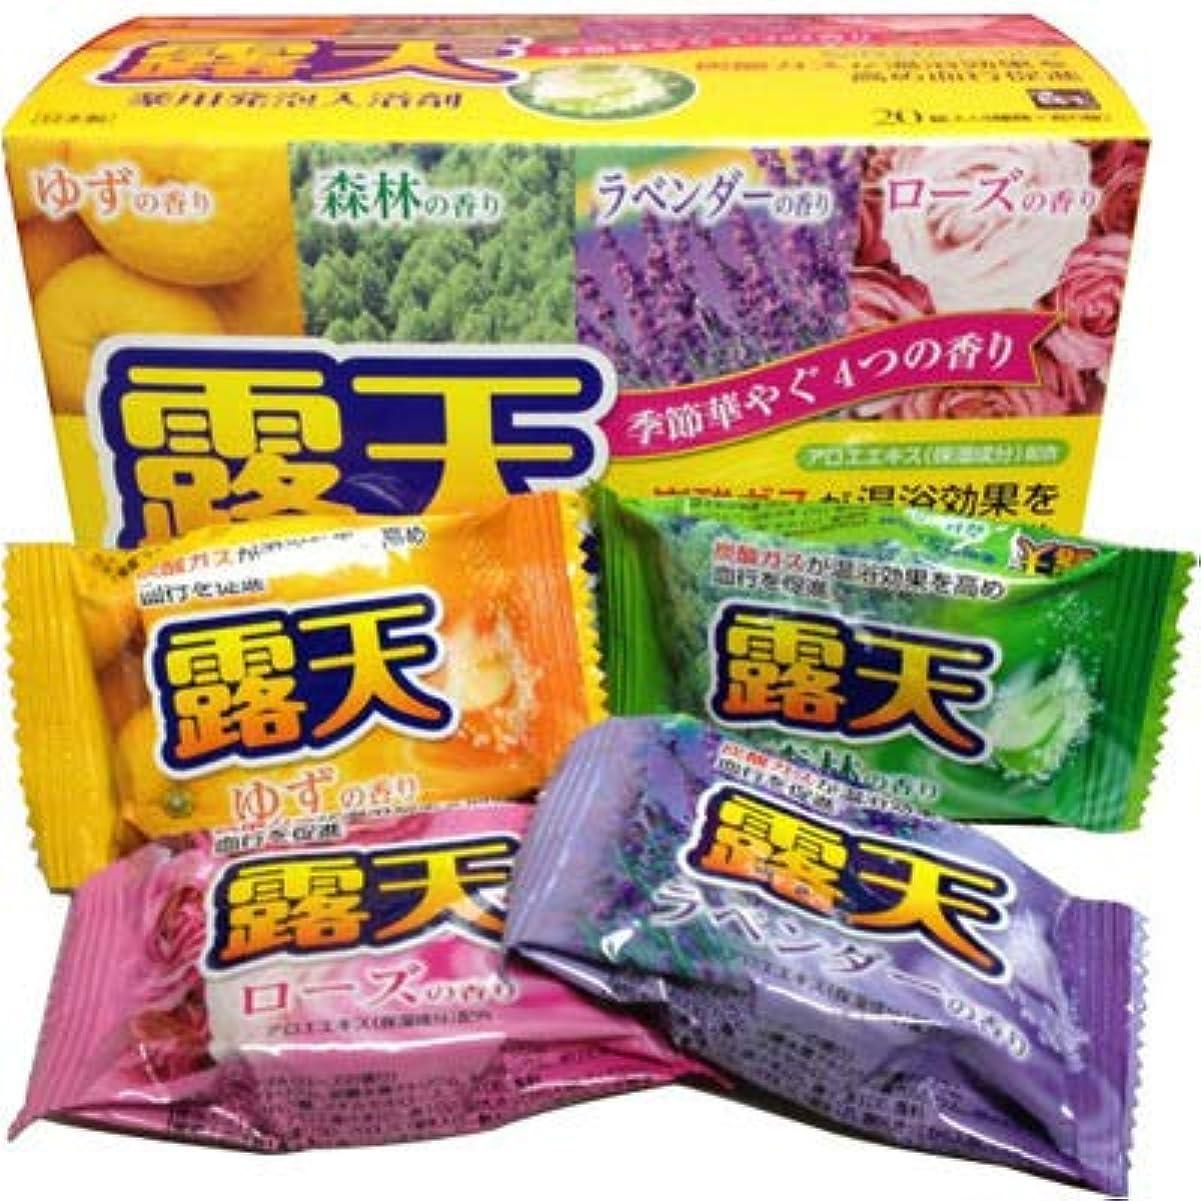 オークバケット西薬用発泡入浴剤 露天40g 4種類アソート(1セット400個入)